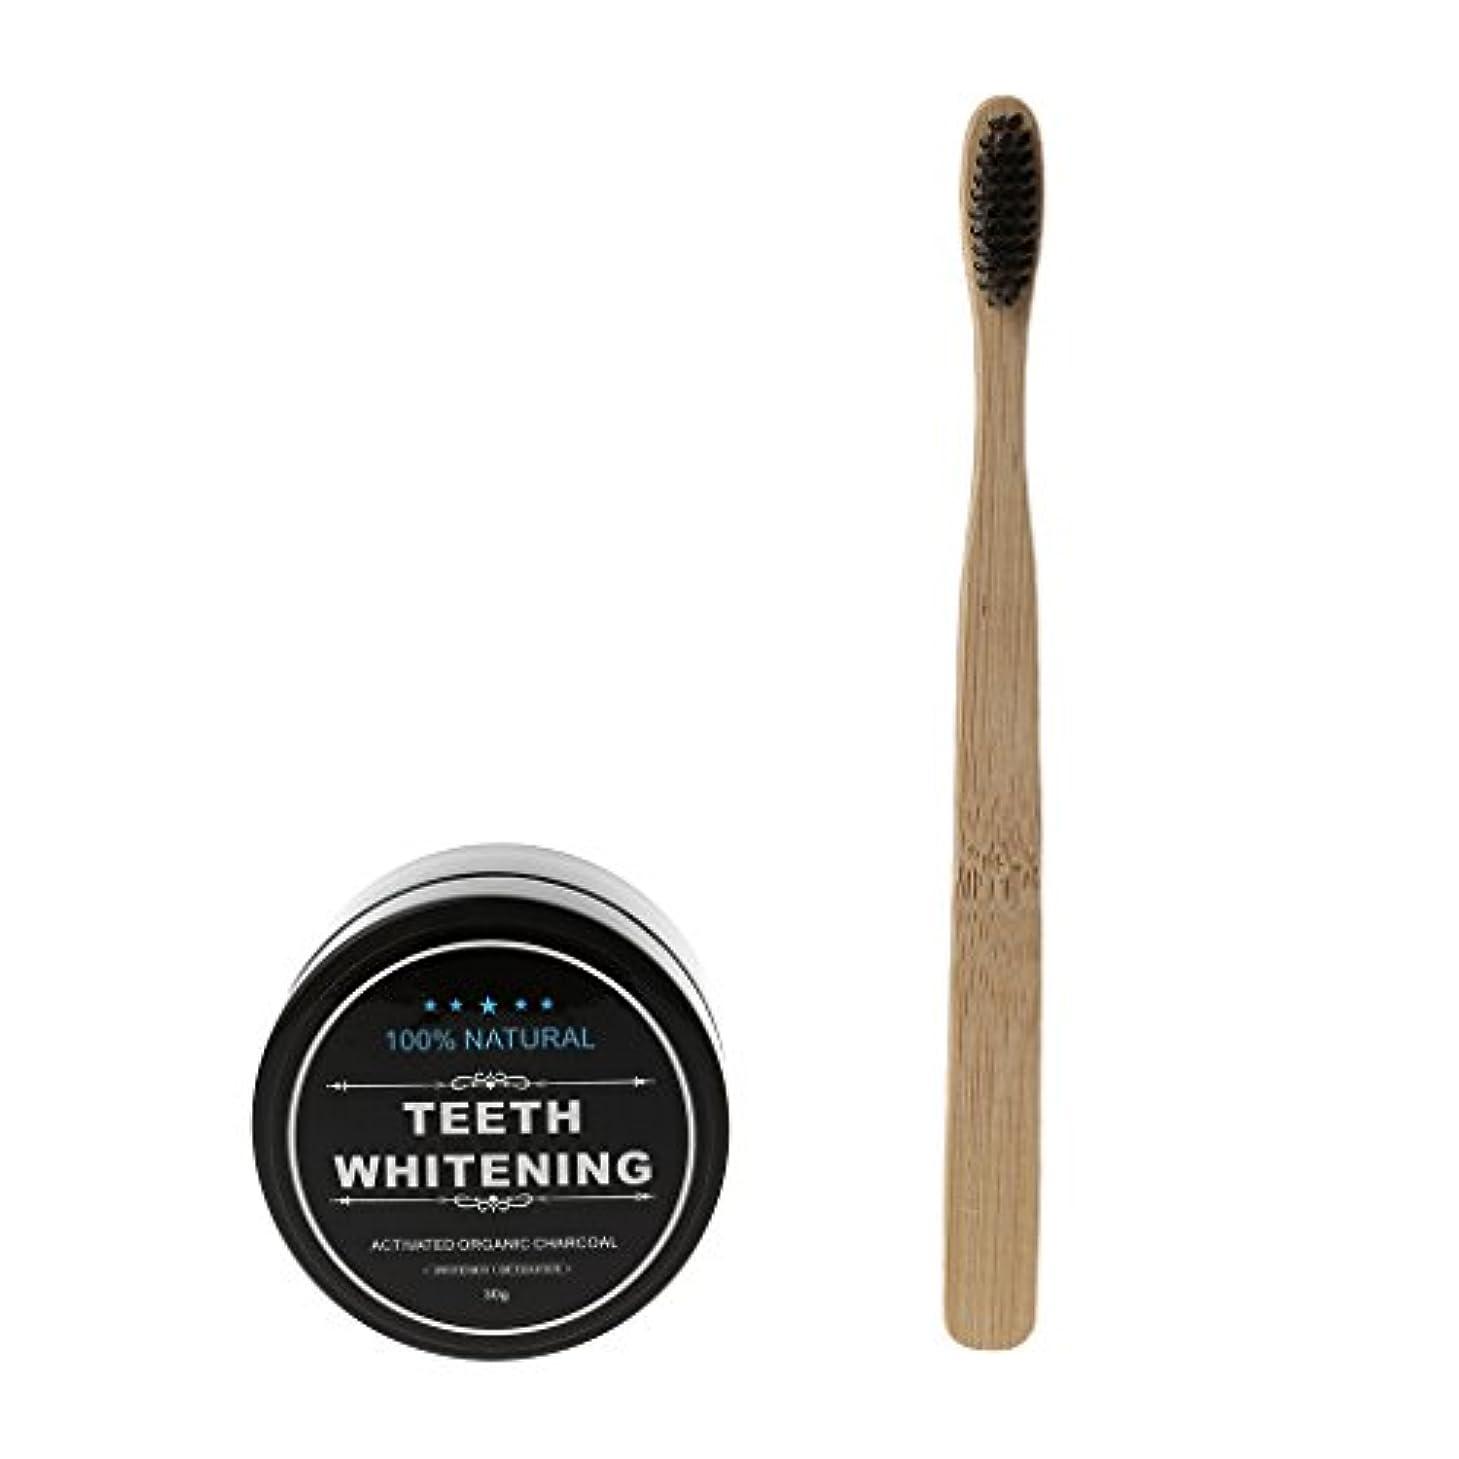 める申し立てられたぴかぴかJAGETRADEバンブーホワイトニング歯のパウダーオーガニックは、木炭の練り歯磨き&歯ブラシシルバーを活性化する